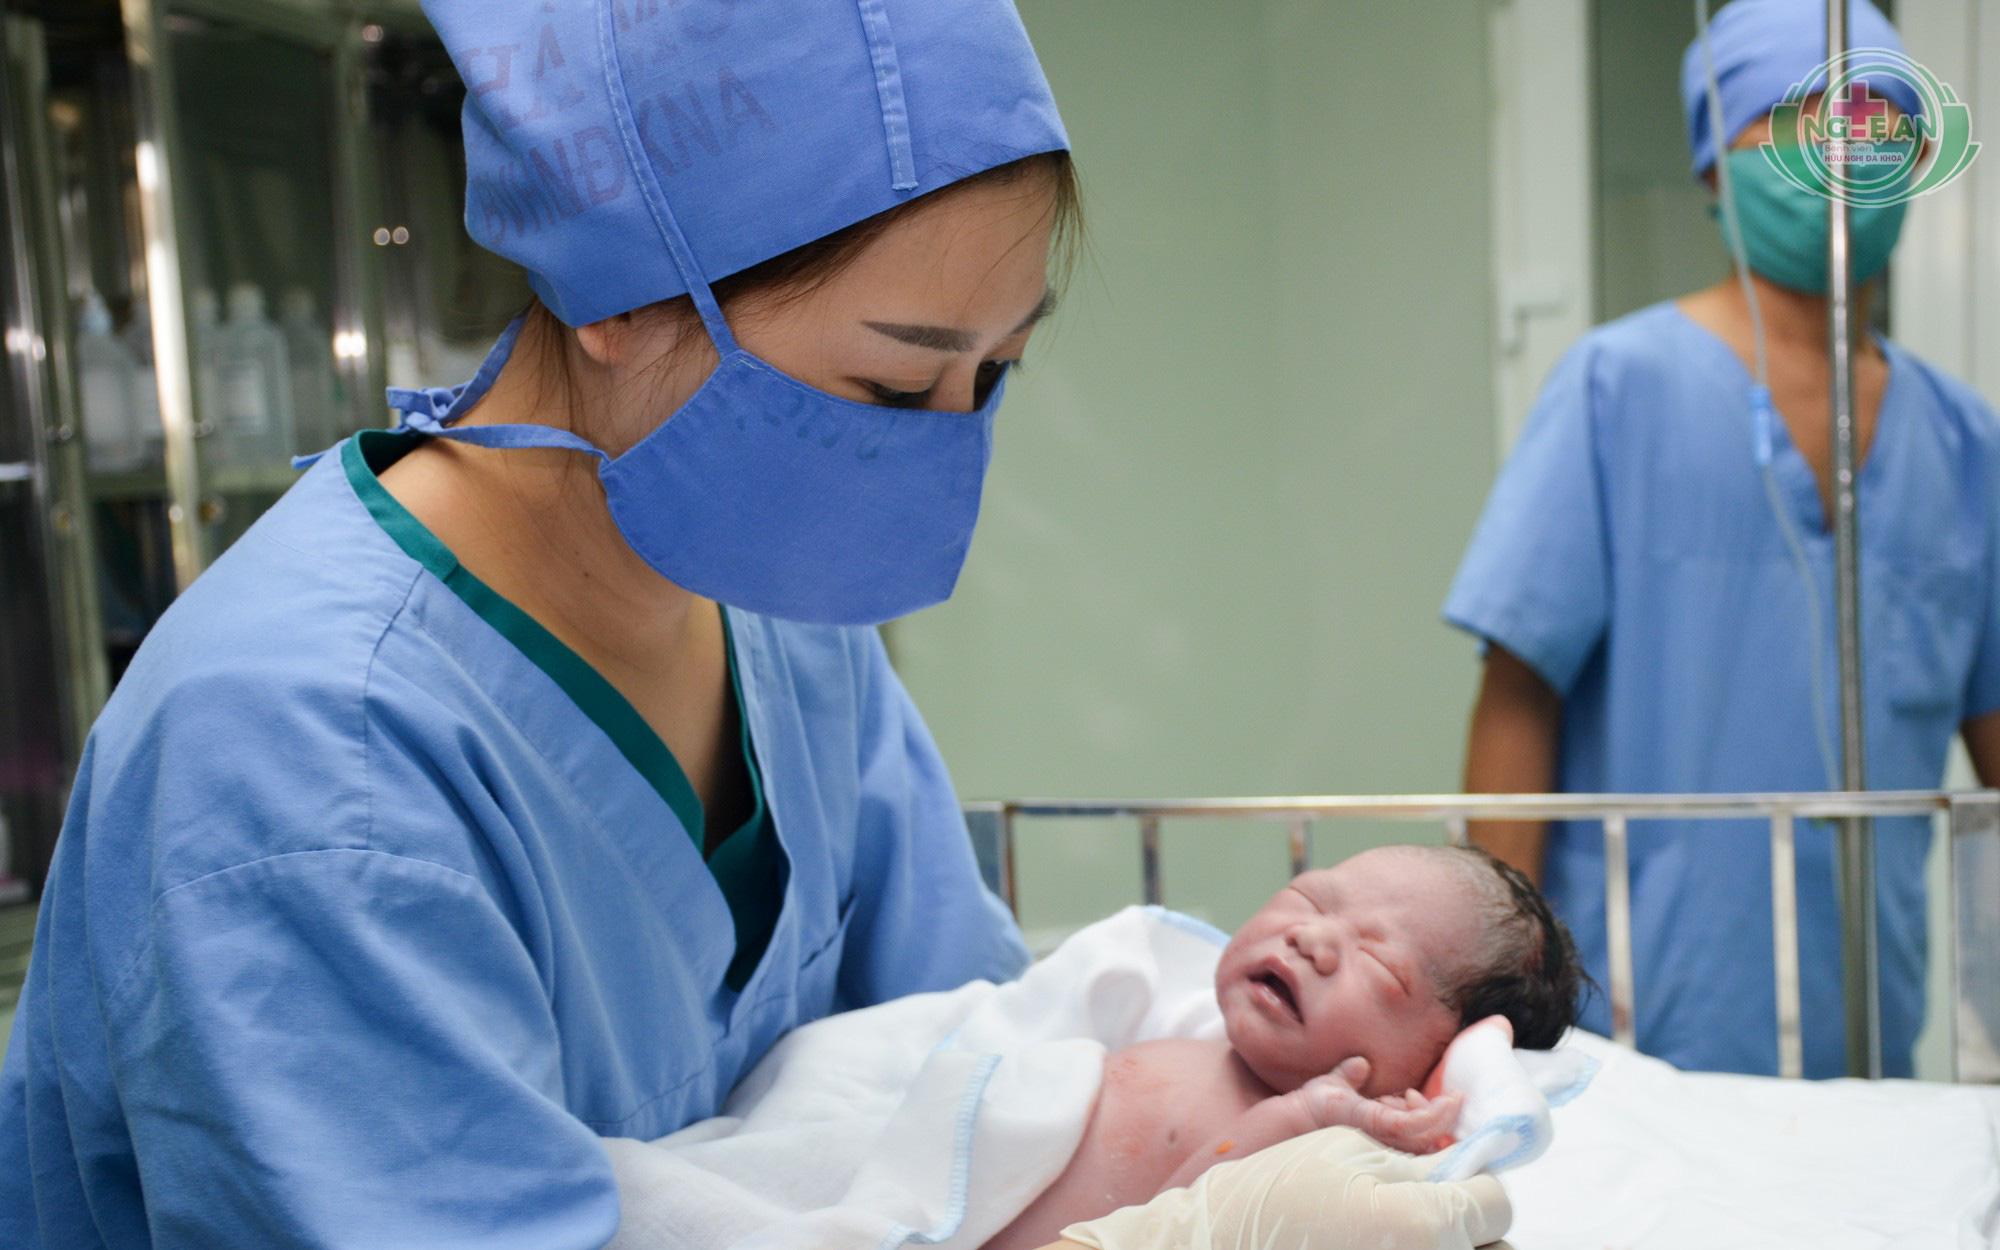 Nghệ An: Những cháu bé đầu tiên chào đời bằng phương pháp thụ tinh ống nghiệm